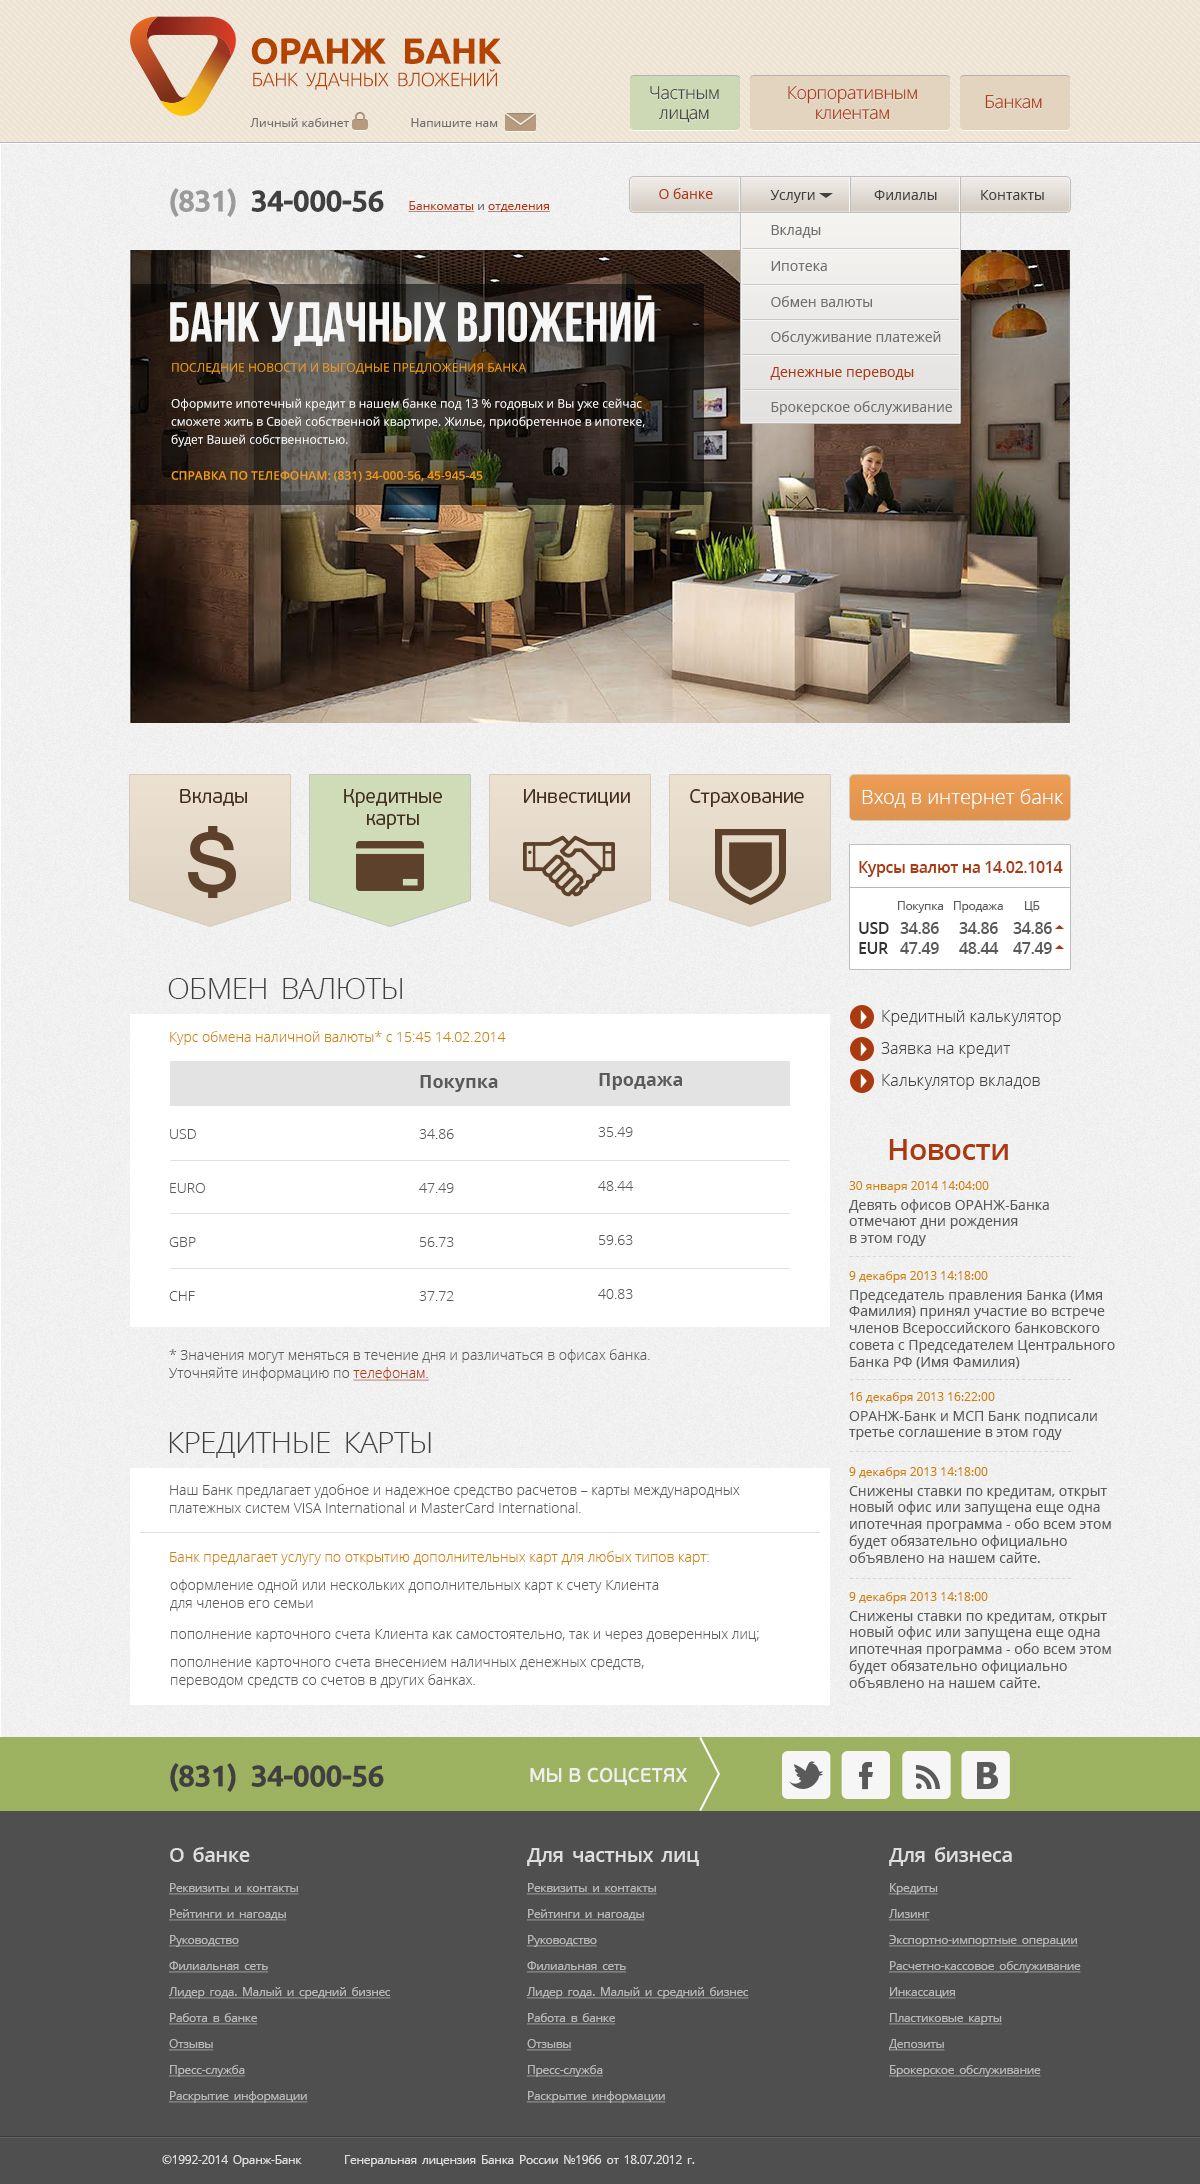 Креативный дизайн Главной страницы Банка - дизайнер Rhythm